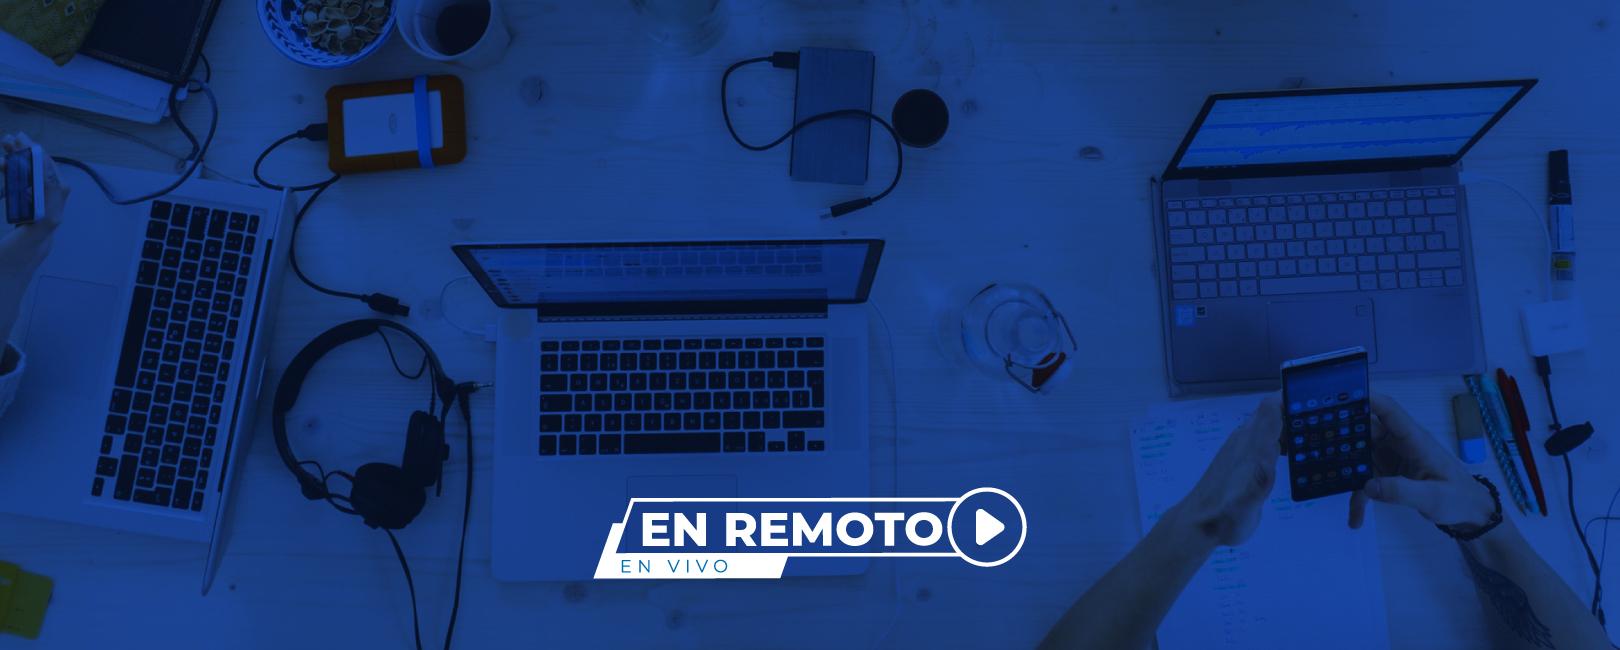 Programa ejecutivo de negocios online. En remoto